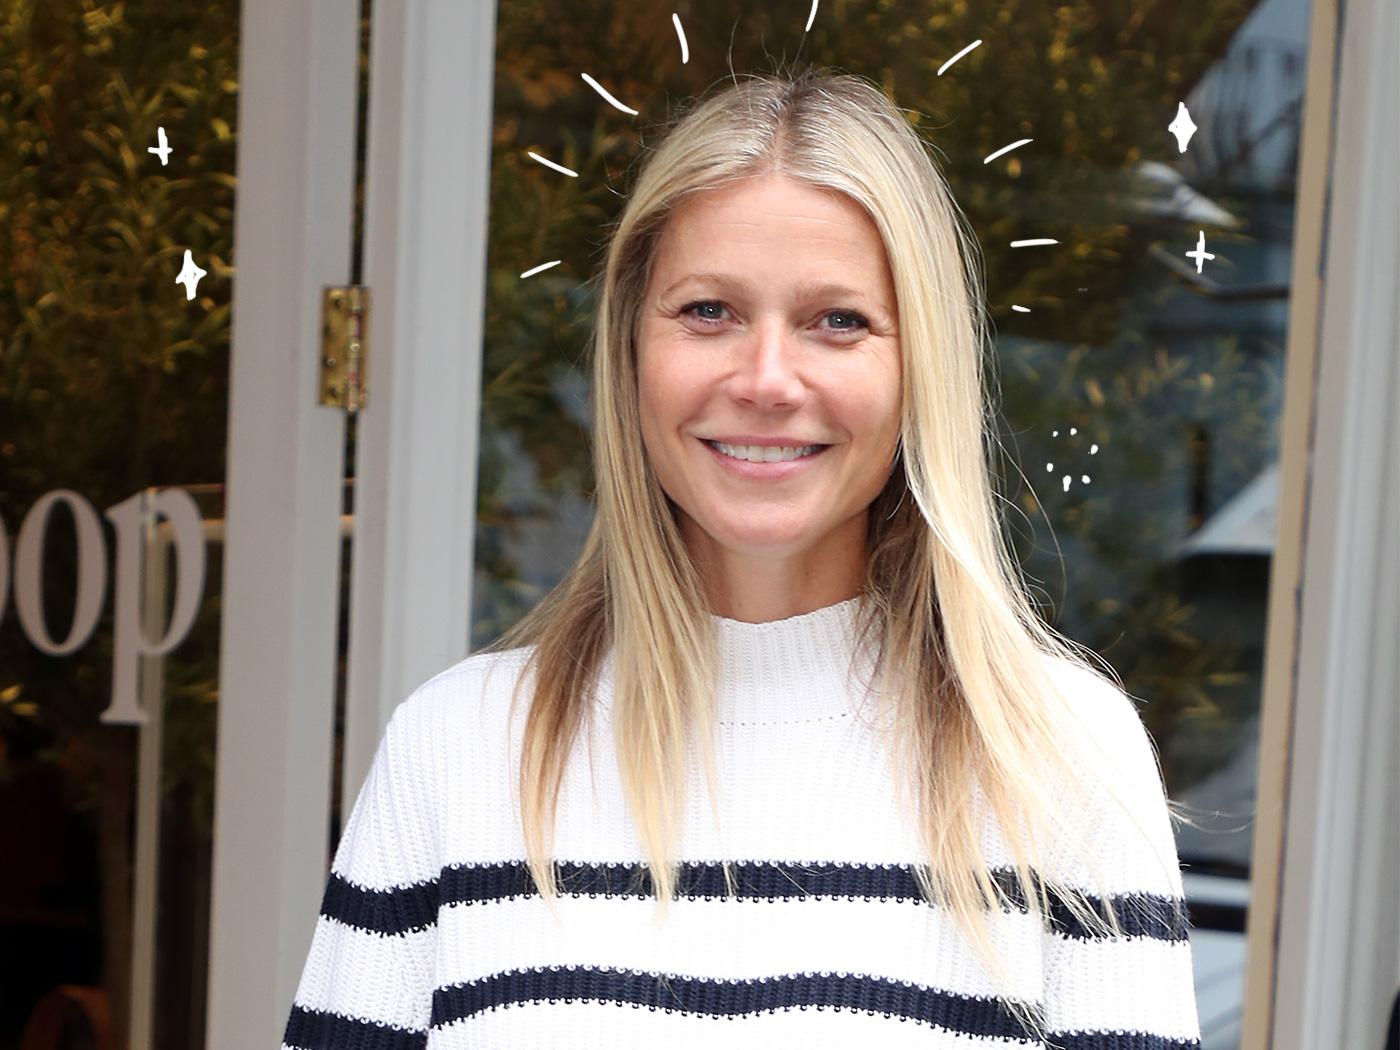 Η Gwyneth Paltrow φοράει το αντηλιακό της λάθος σύμφωνα με τους experts! Ποιος είναι ο σωστός τρόπος